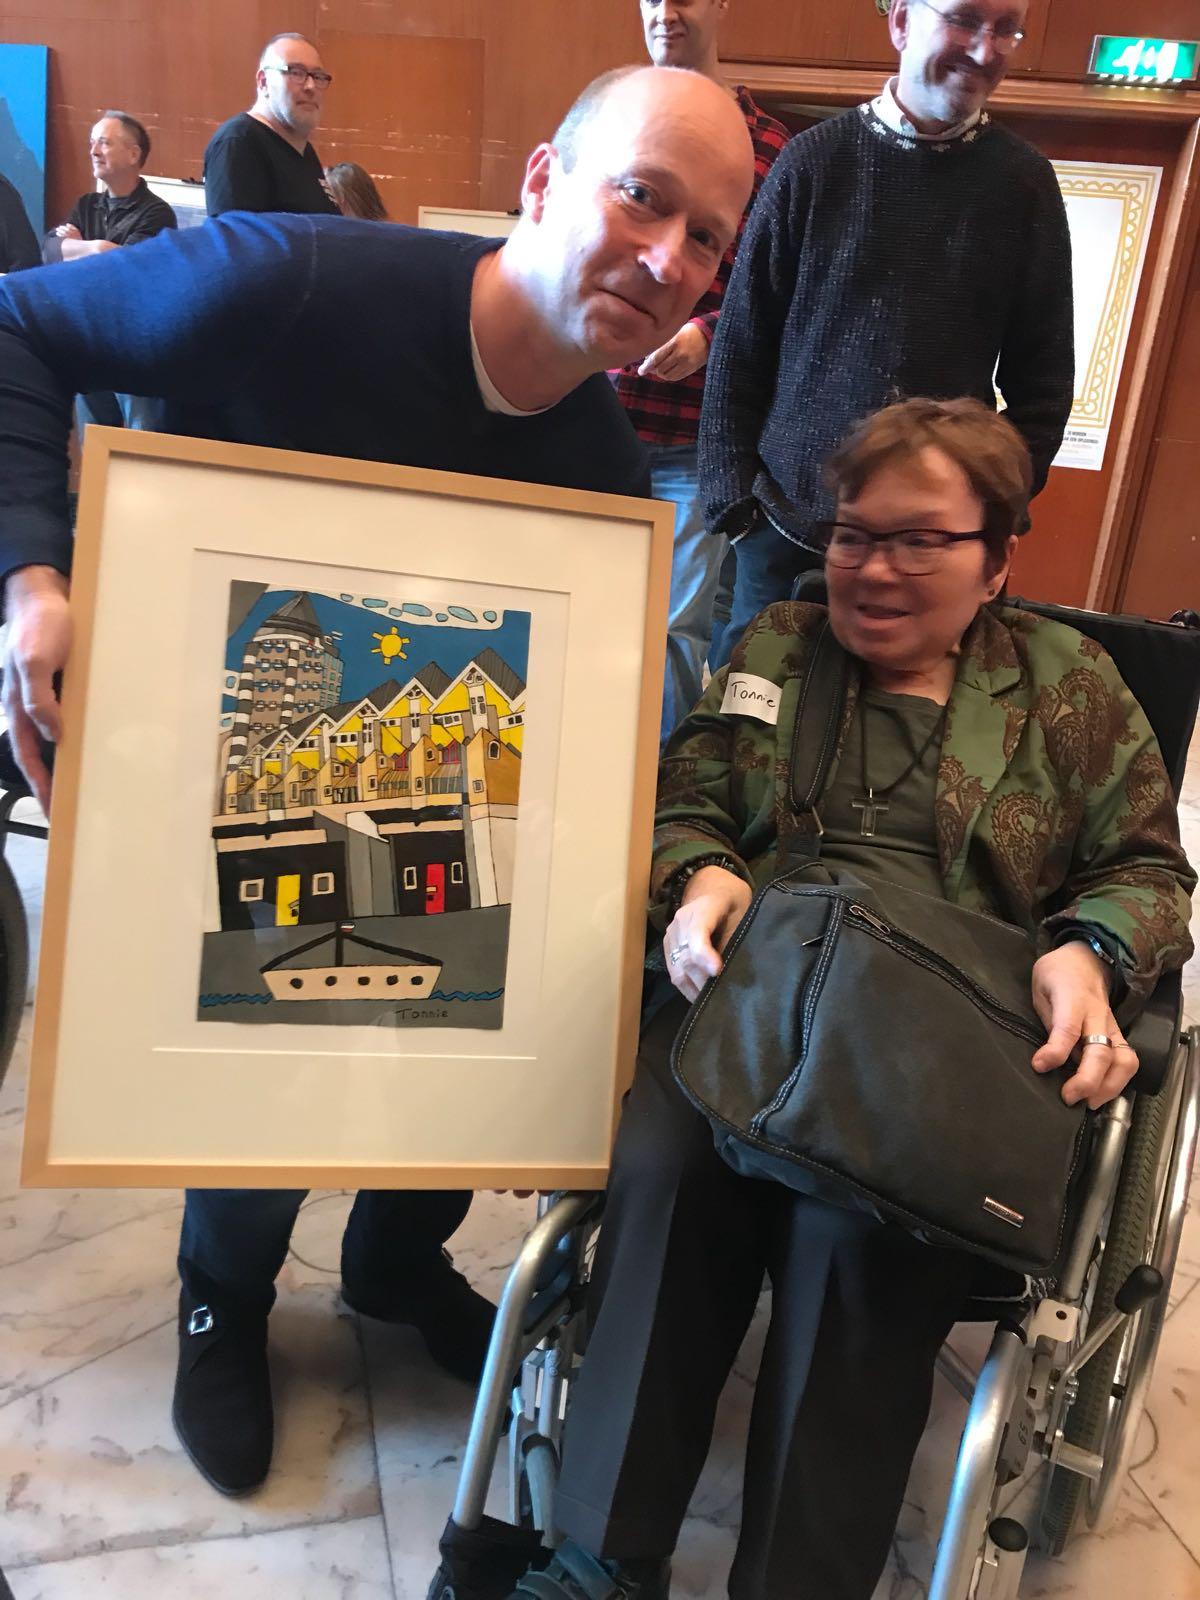 Het werk van kunstenaar Tonnie met een beperking wordt geveild op de Buitengewone kunstveiling in Rotterdam